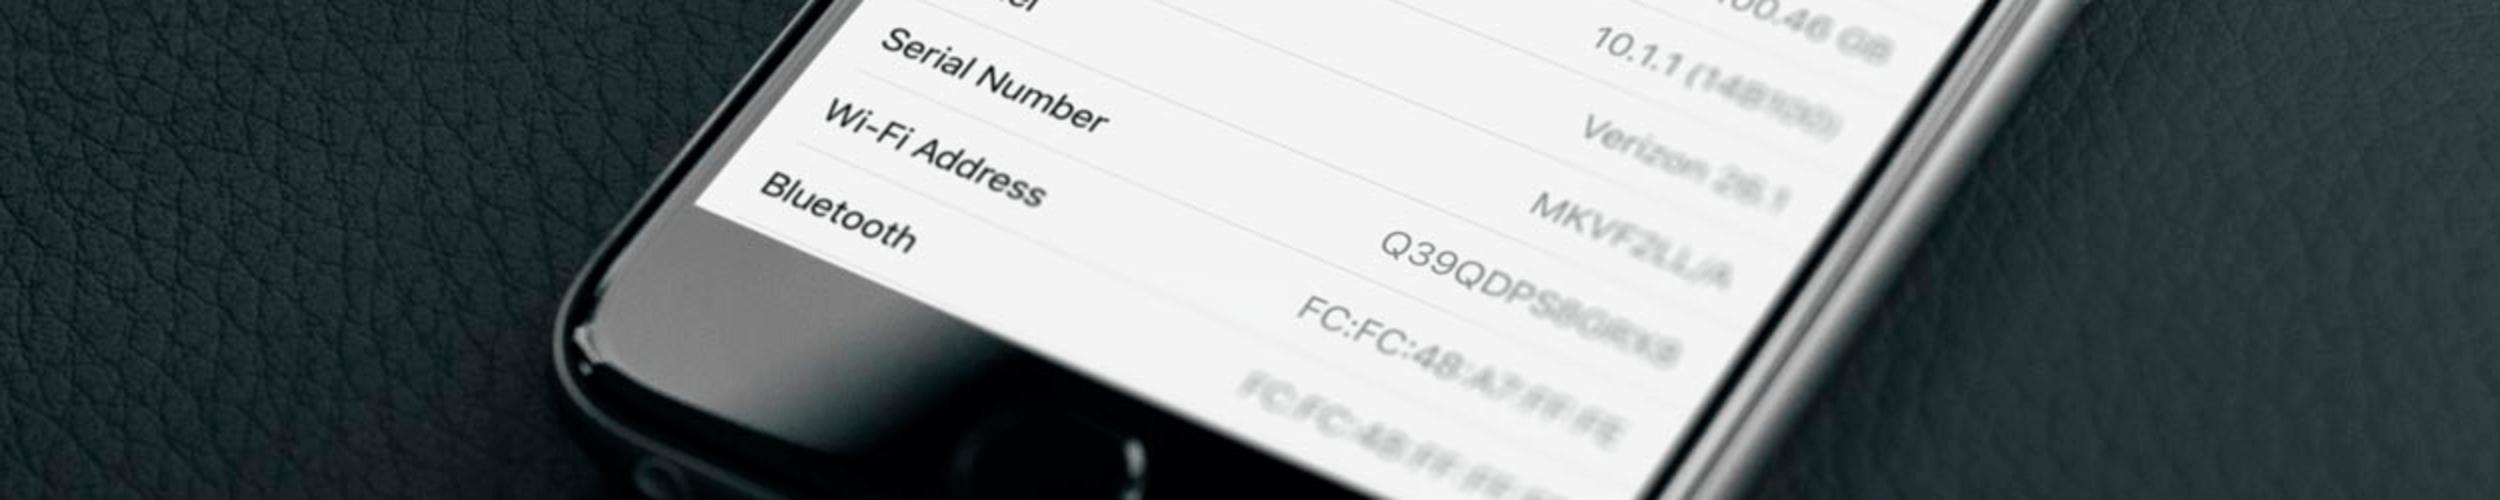 Как узнать серийный номер iPhone или его imei?